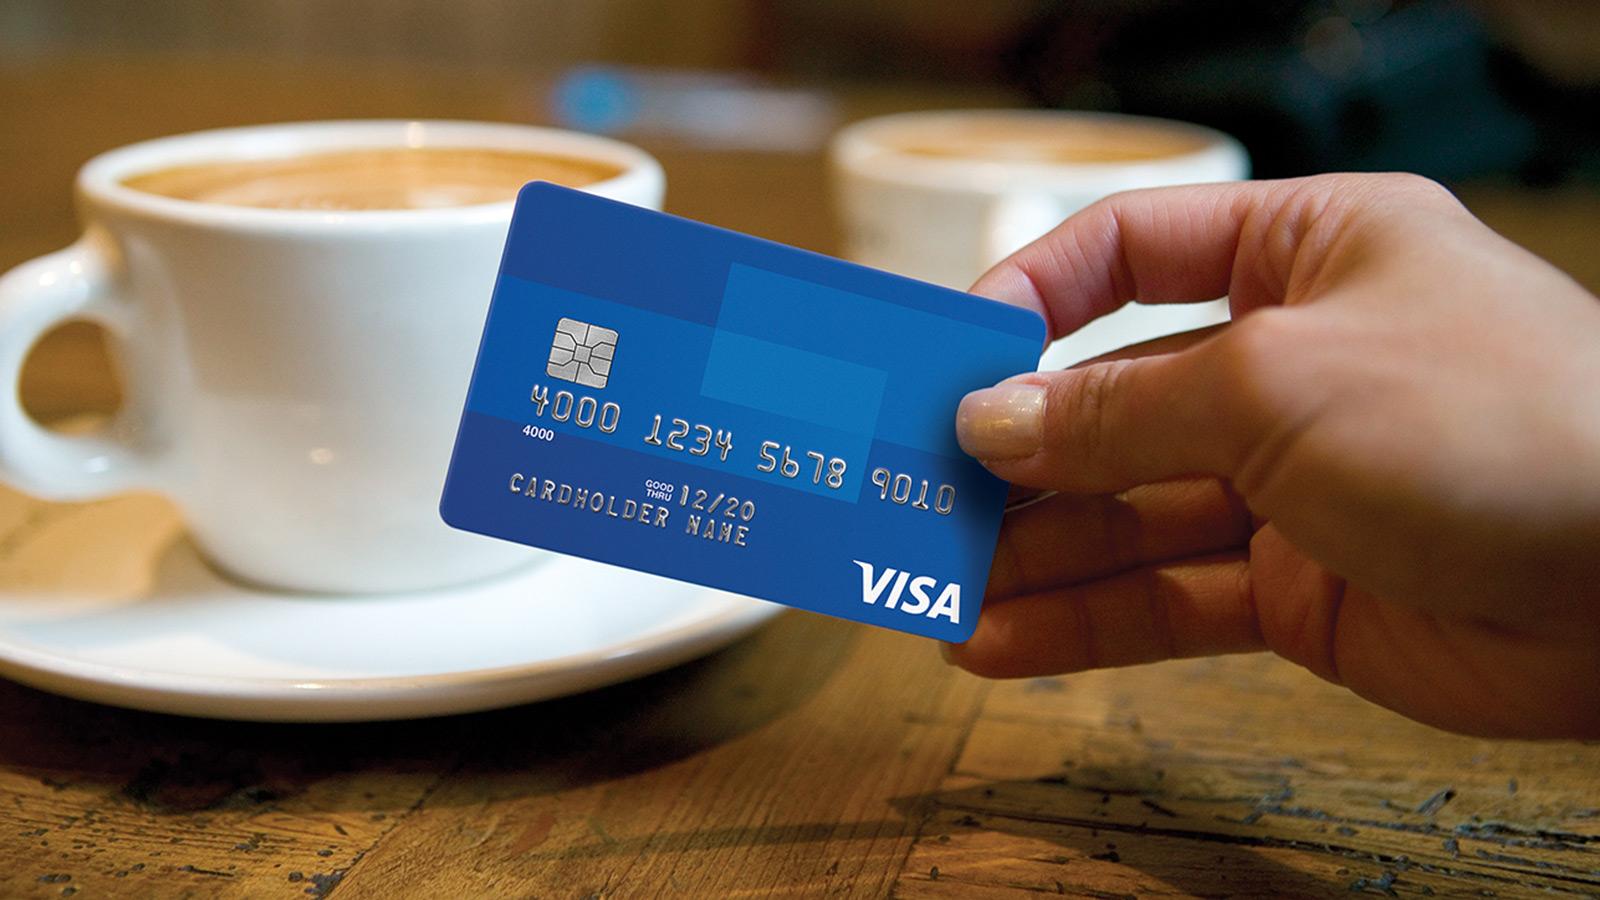 Теперь в общественном транспорте можно оплачивать банковскими картами Visa